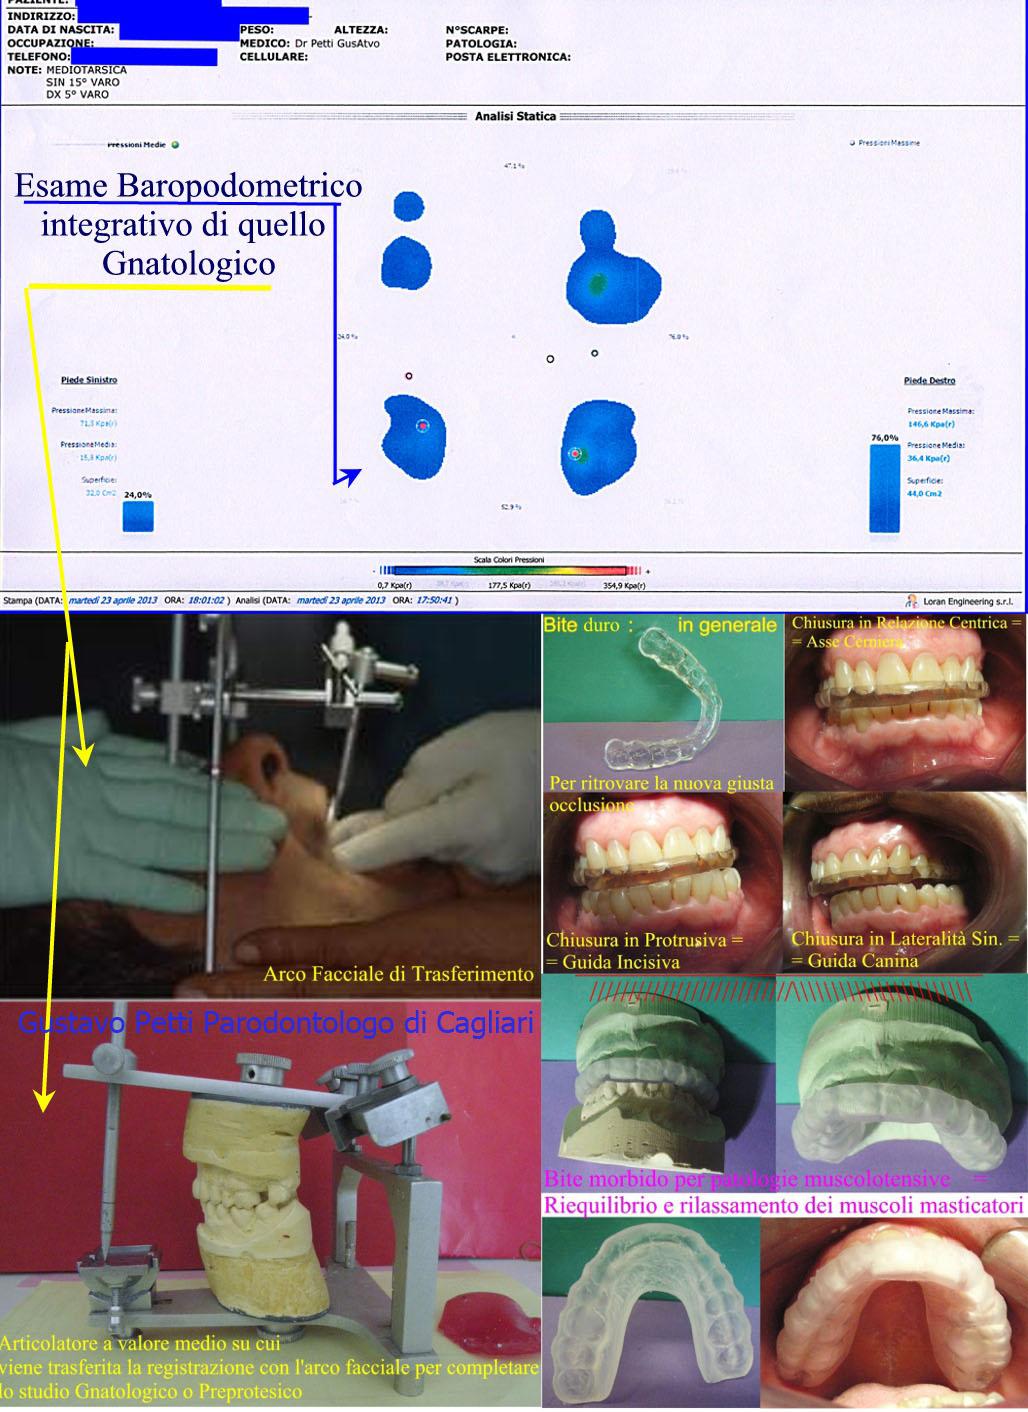 gnatologia-dr-g.petti-cagliari-66.jpg